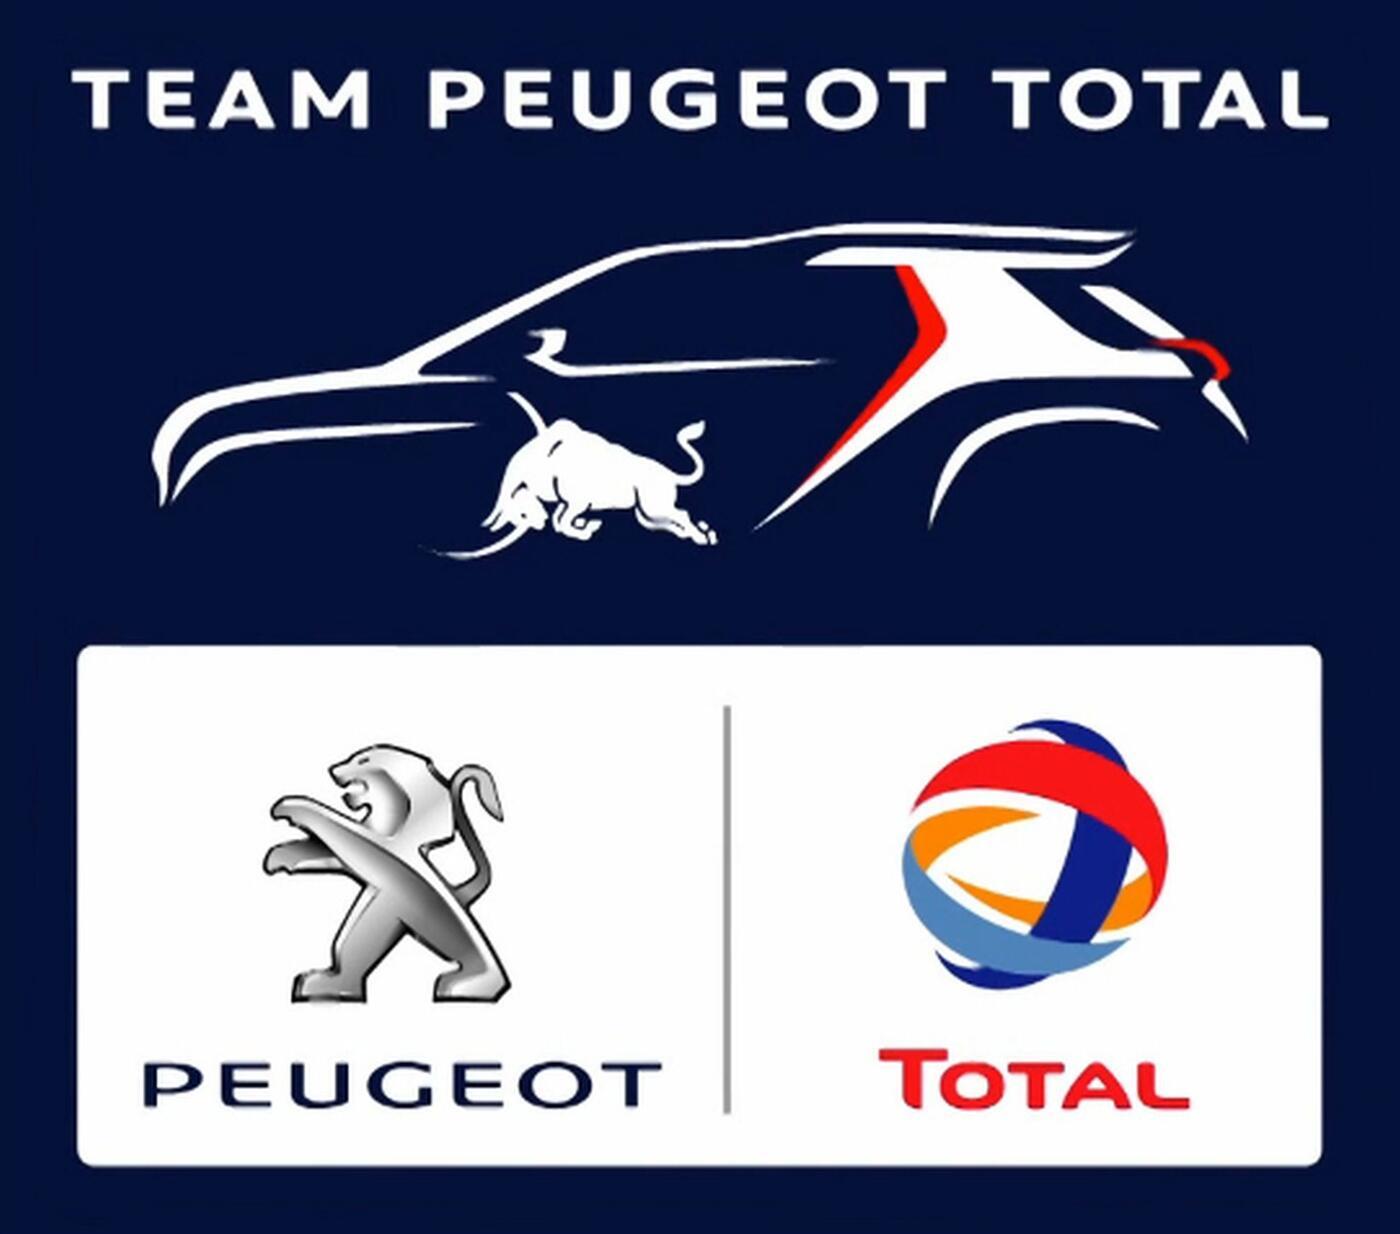 Thế giới đồ chơi Peugeot -0969.693.633